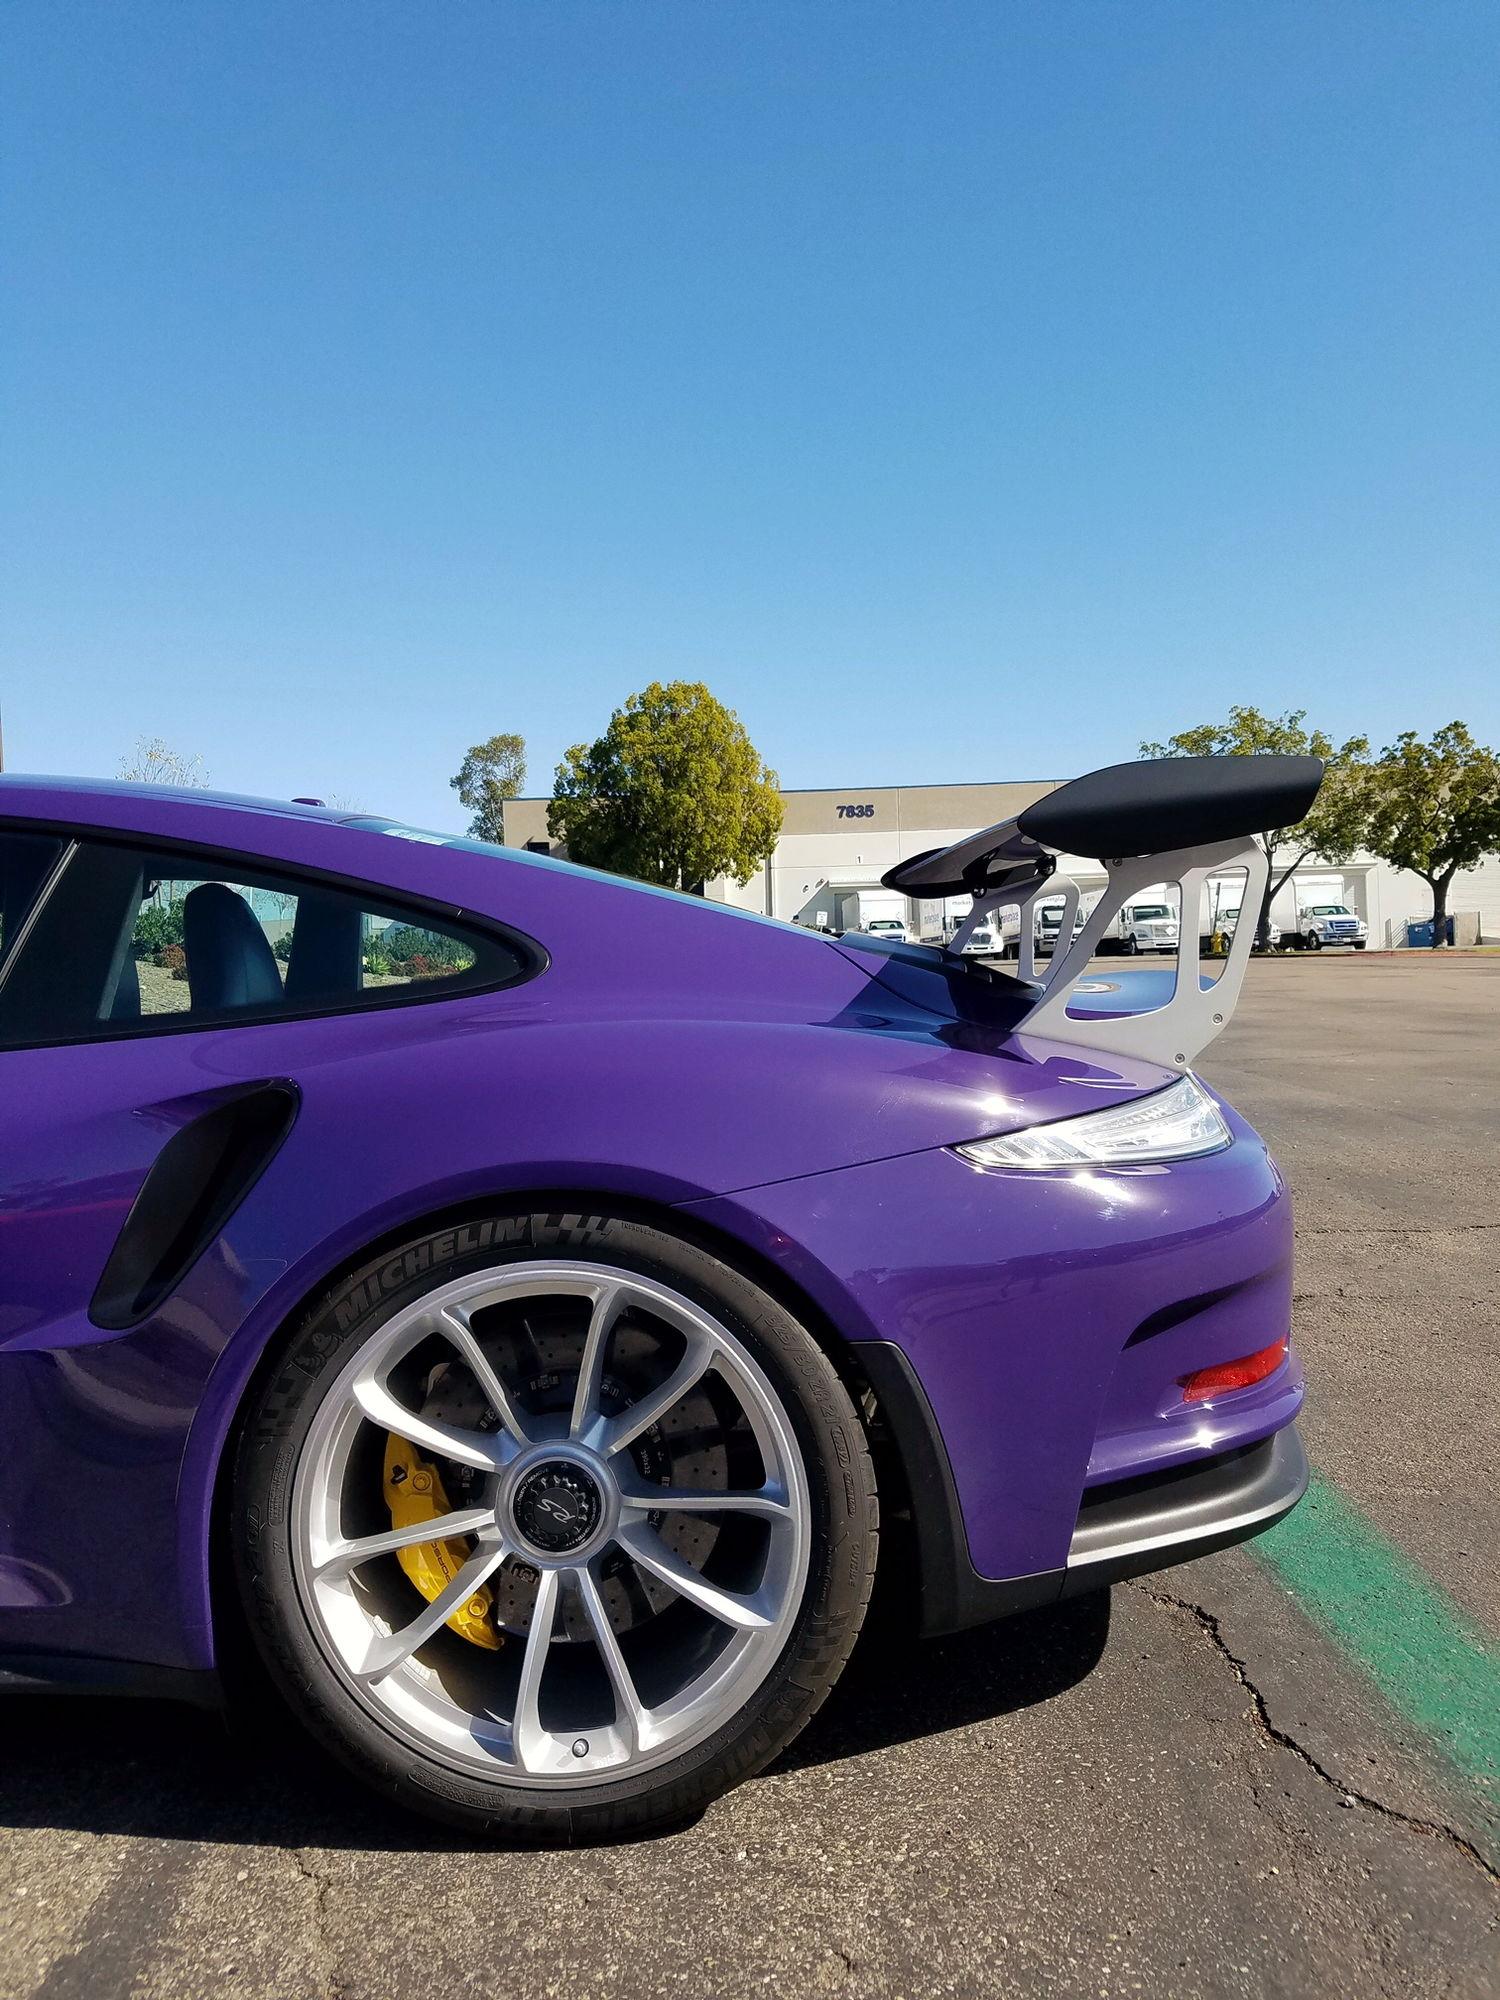 2016 Porsche 911 991 Gt3 Rs Ultraviolet Only 140 Miles Page 2 6speedonline Porsche